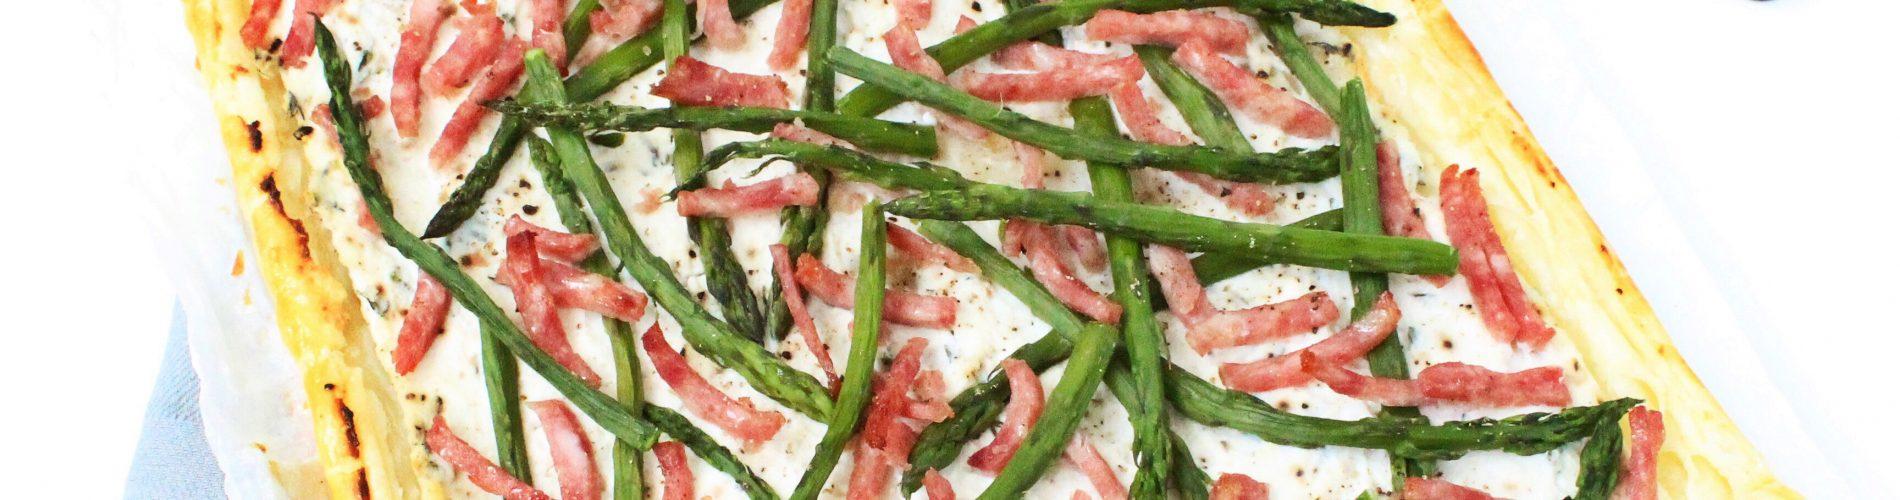 Plaattaart met groene asperges en ricotta